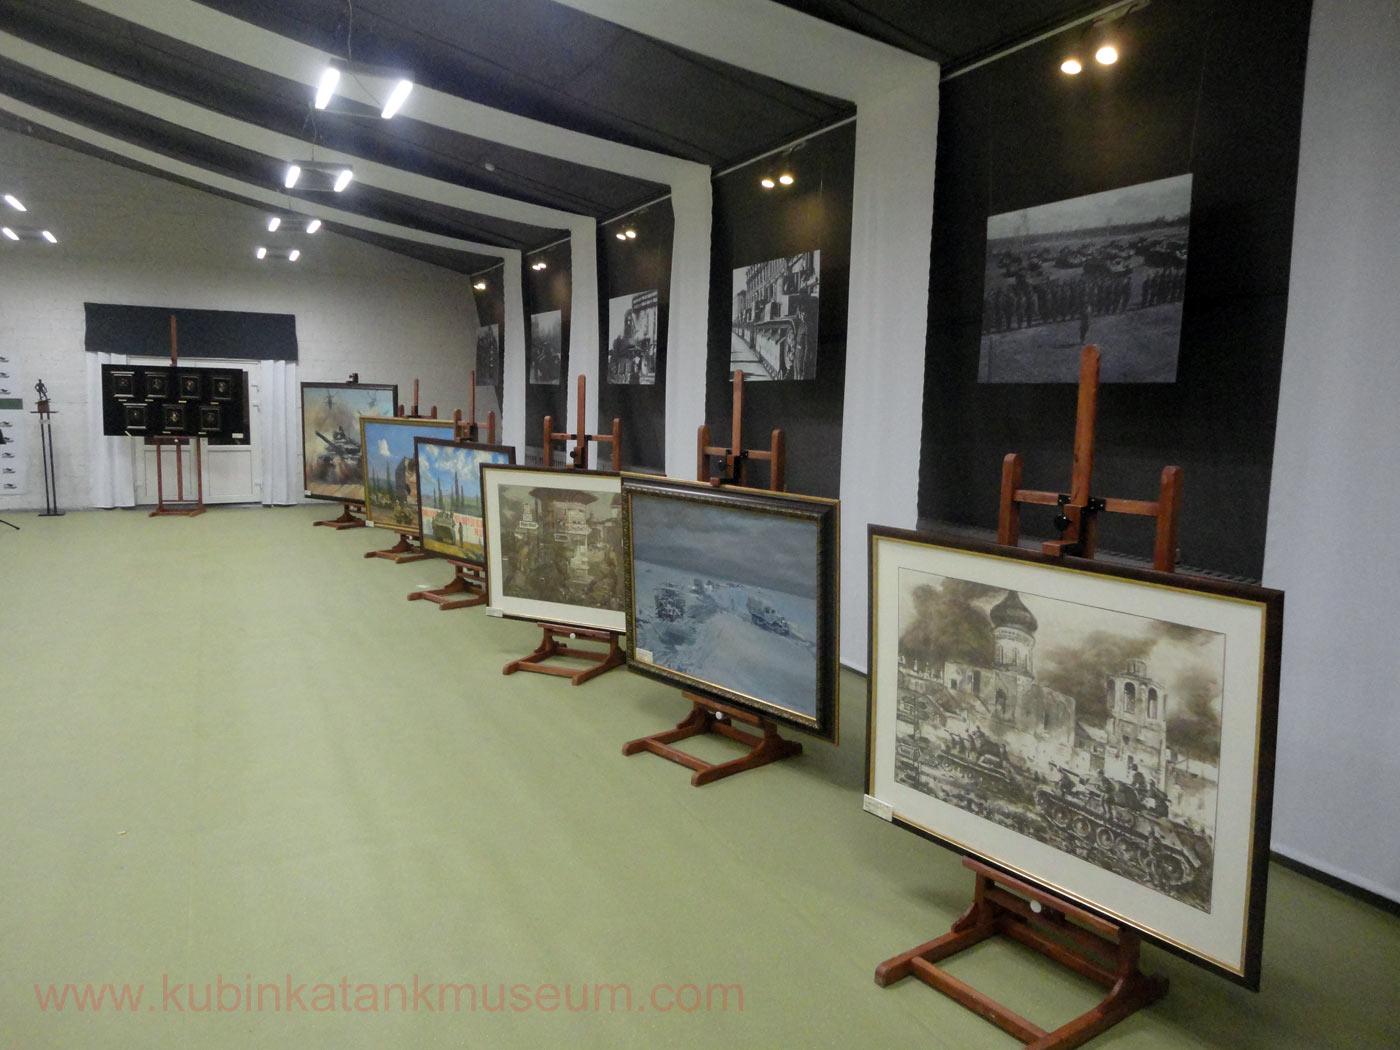 выставочный зал танкового музея